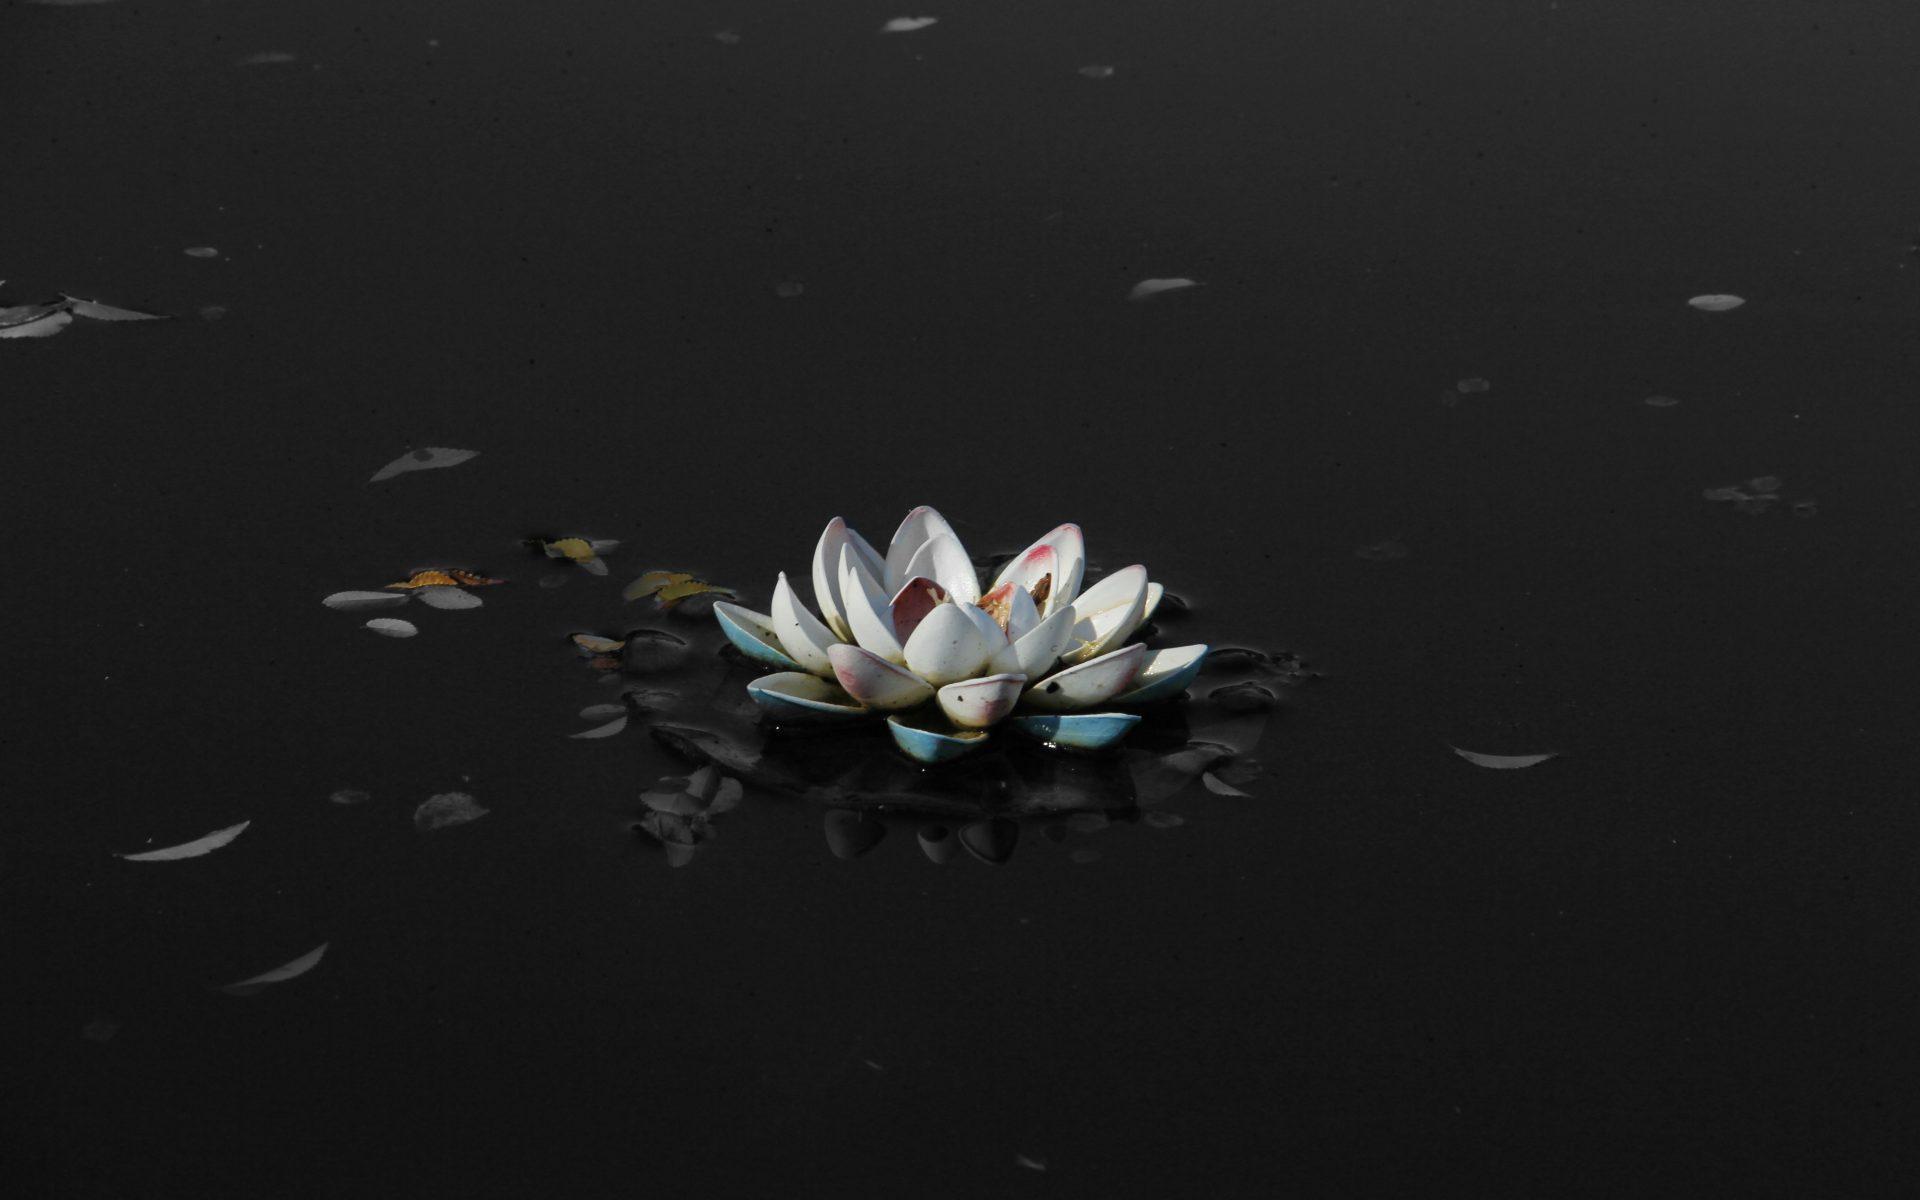 Lotus Flower Black Mud 5K Wallpaper - Best Wallpapers